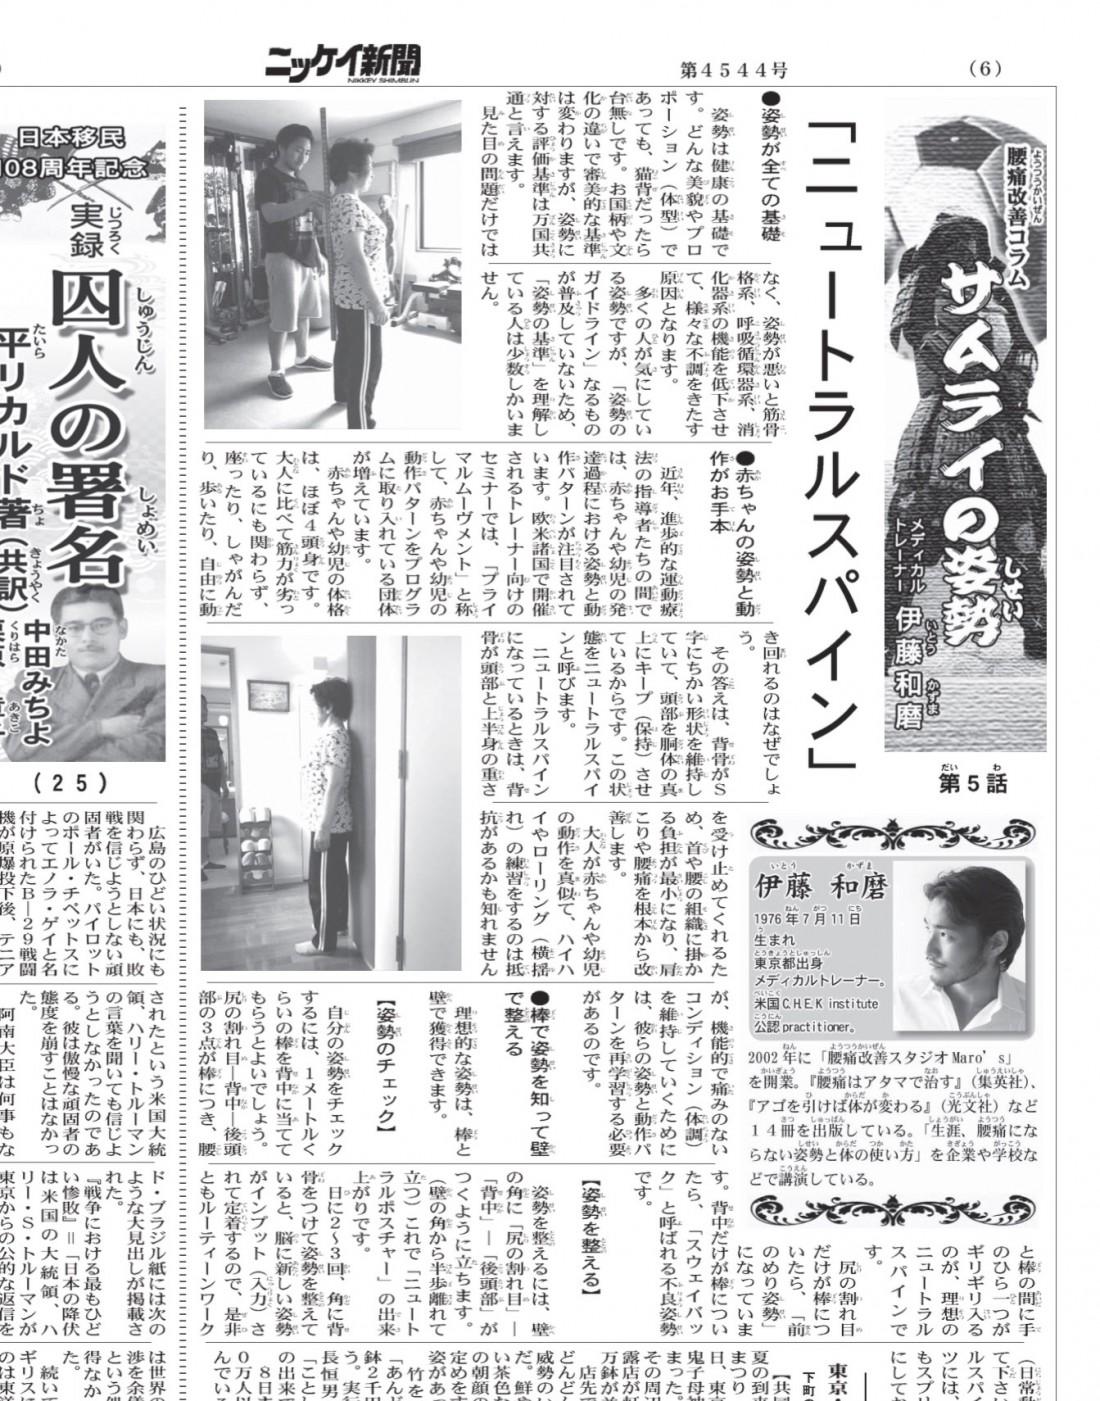 20160707-Jornal Nikkey Shimbun p6 Samurai 5